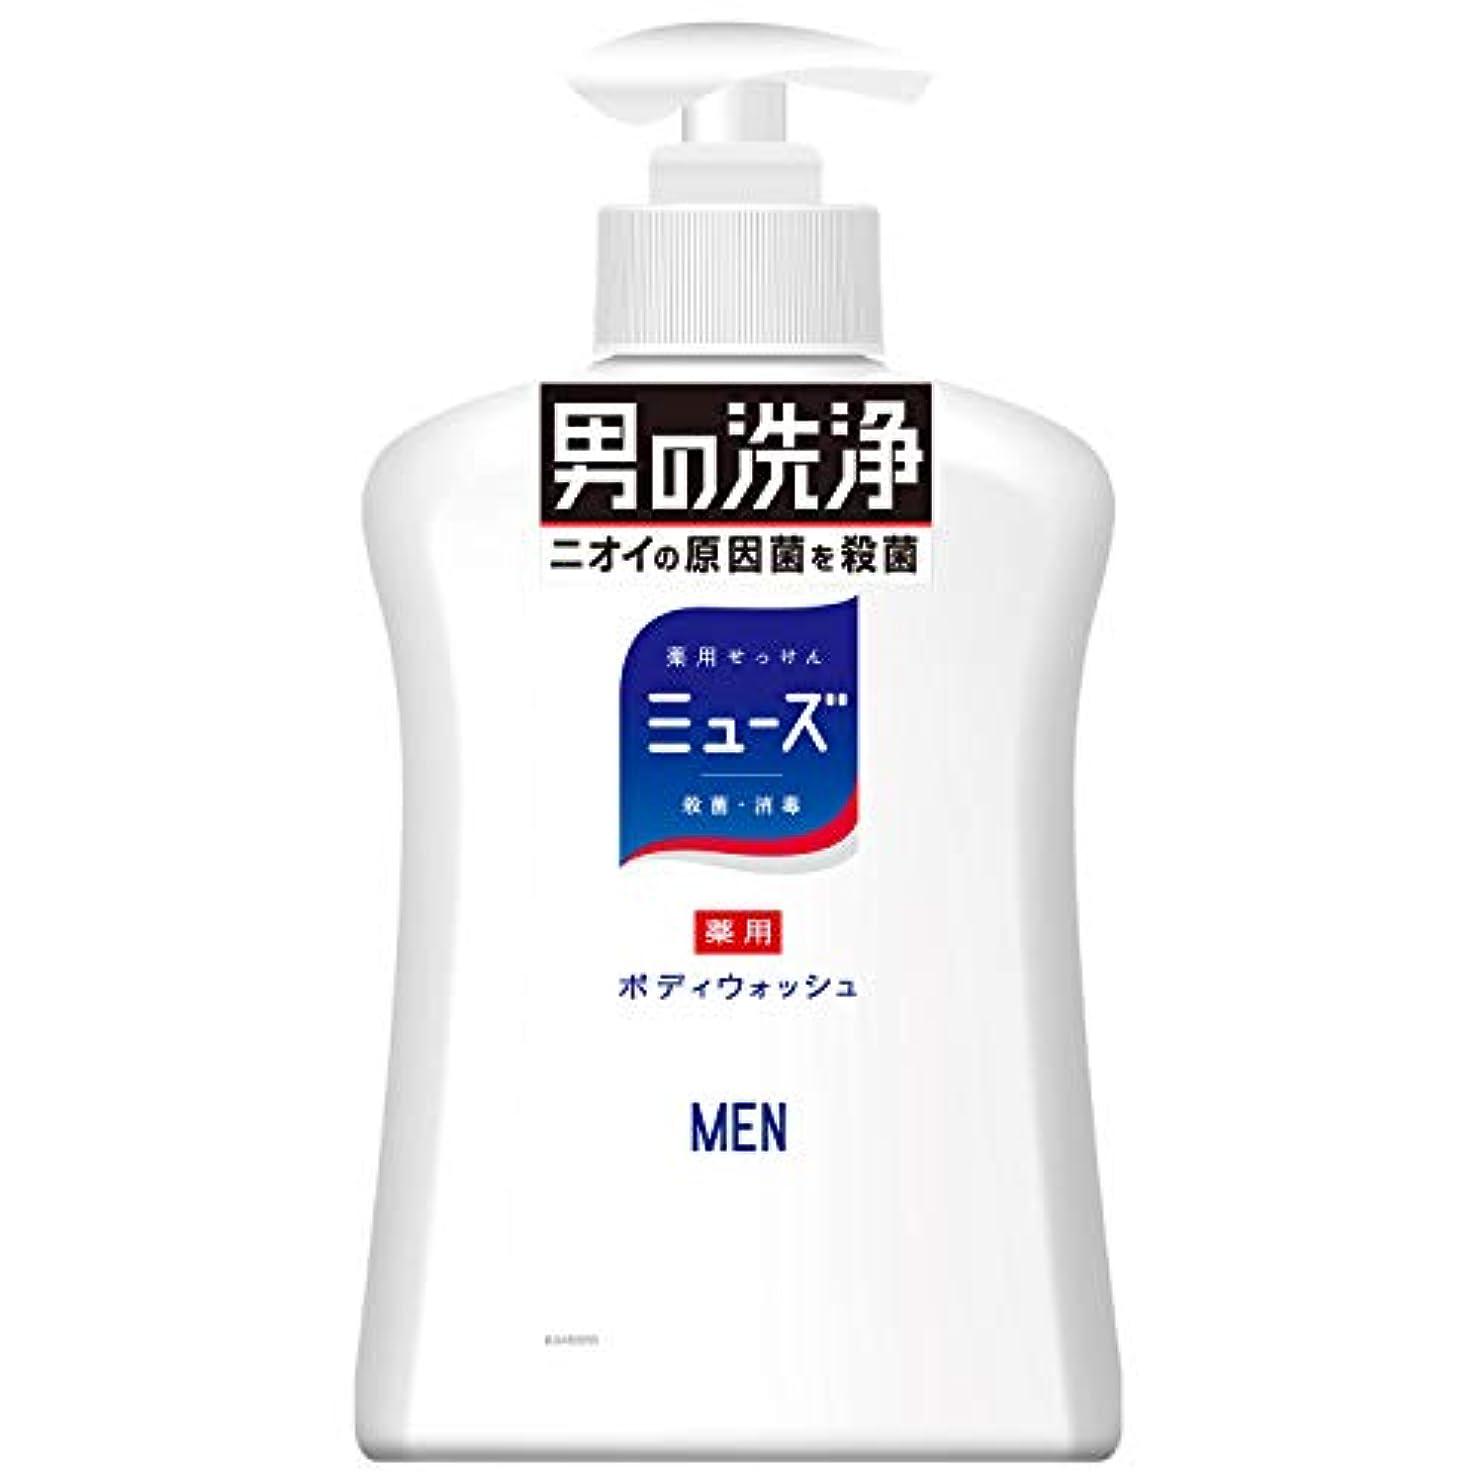 異なるマリナースキッパー【医薬部外品】ミューズメン ボディーウオッシュ ボトル 500ml ボディソープ 消臭